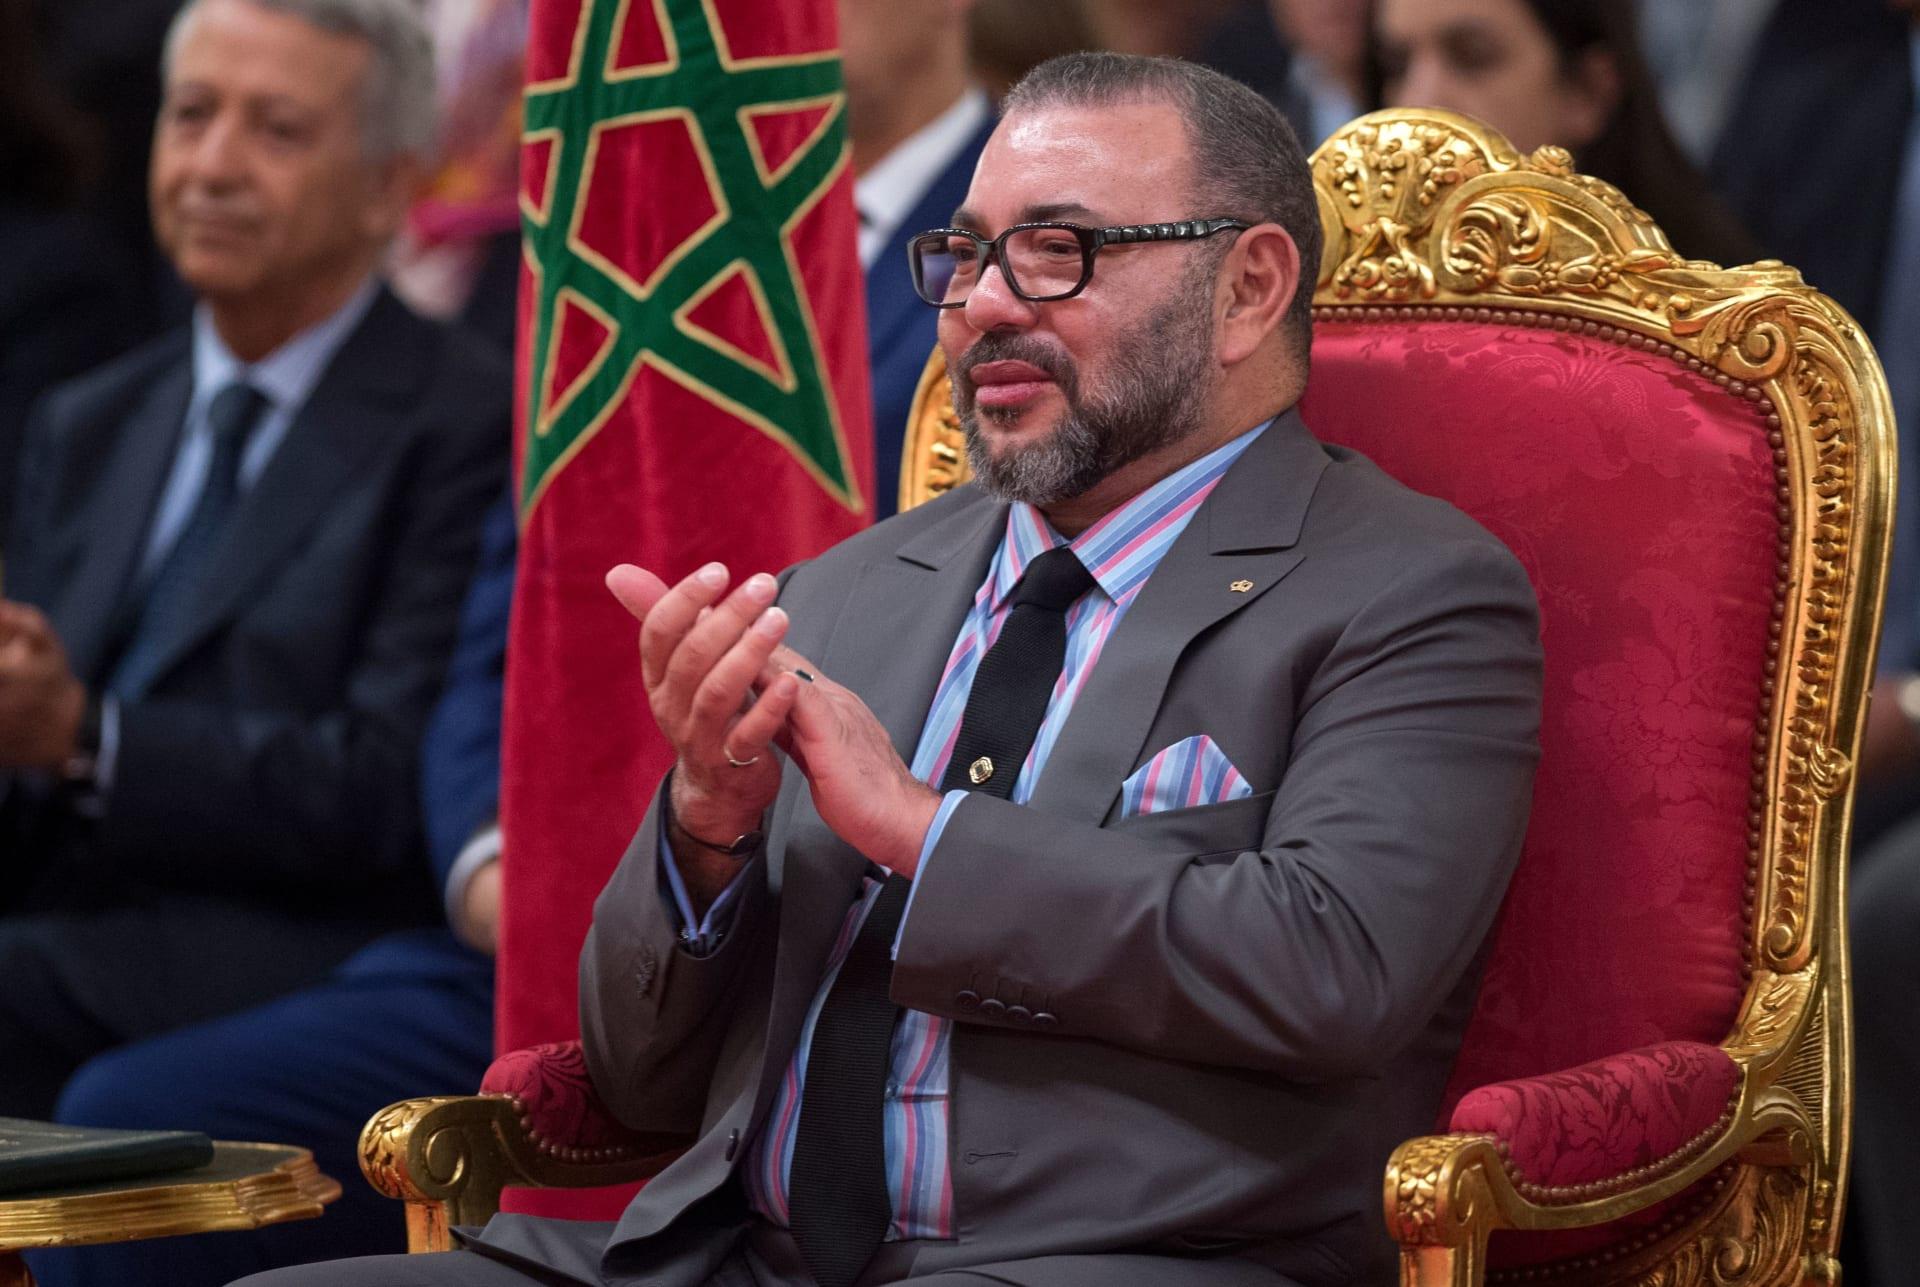 وزير: المغرب يستمر 14 مليار دولار بقطاع الطاقة حتى 2023